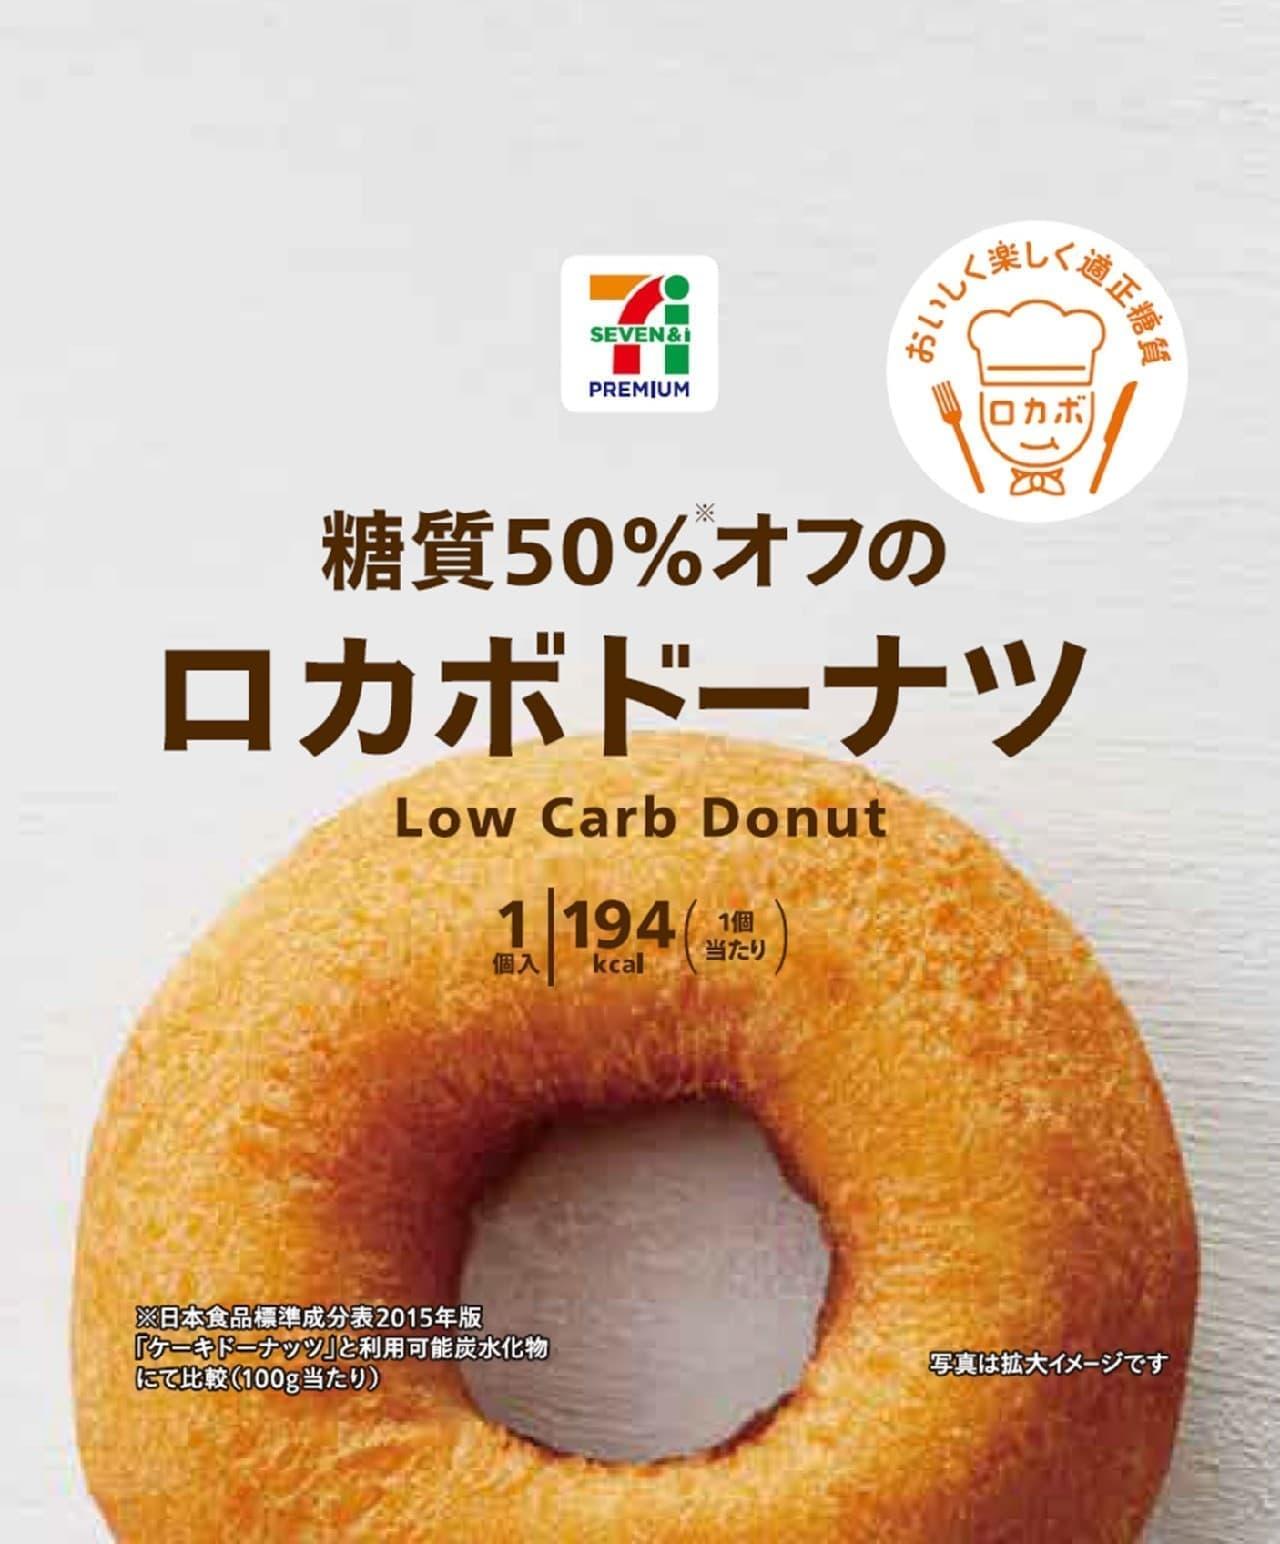 セブンプレミアム 糖質50%オフのロカボドーナツ